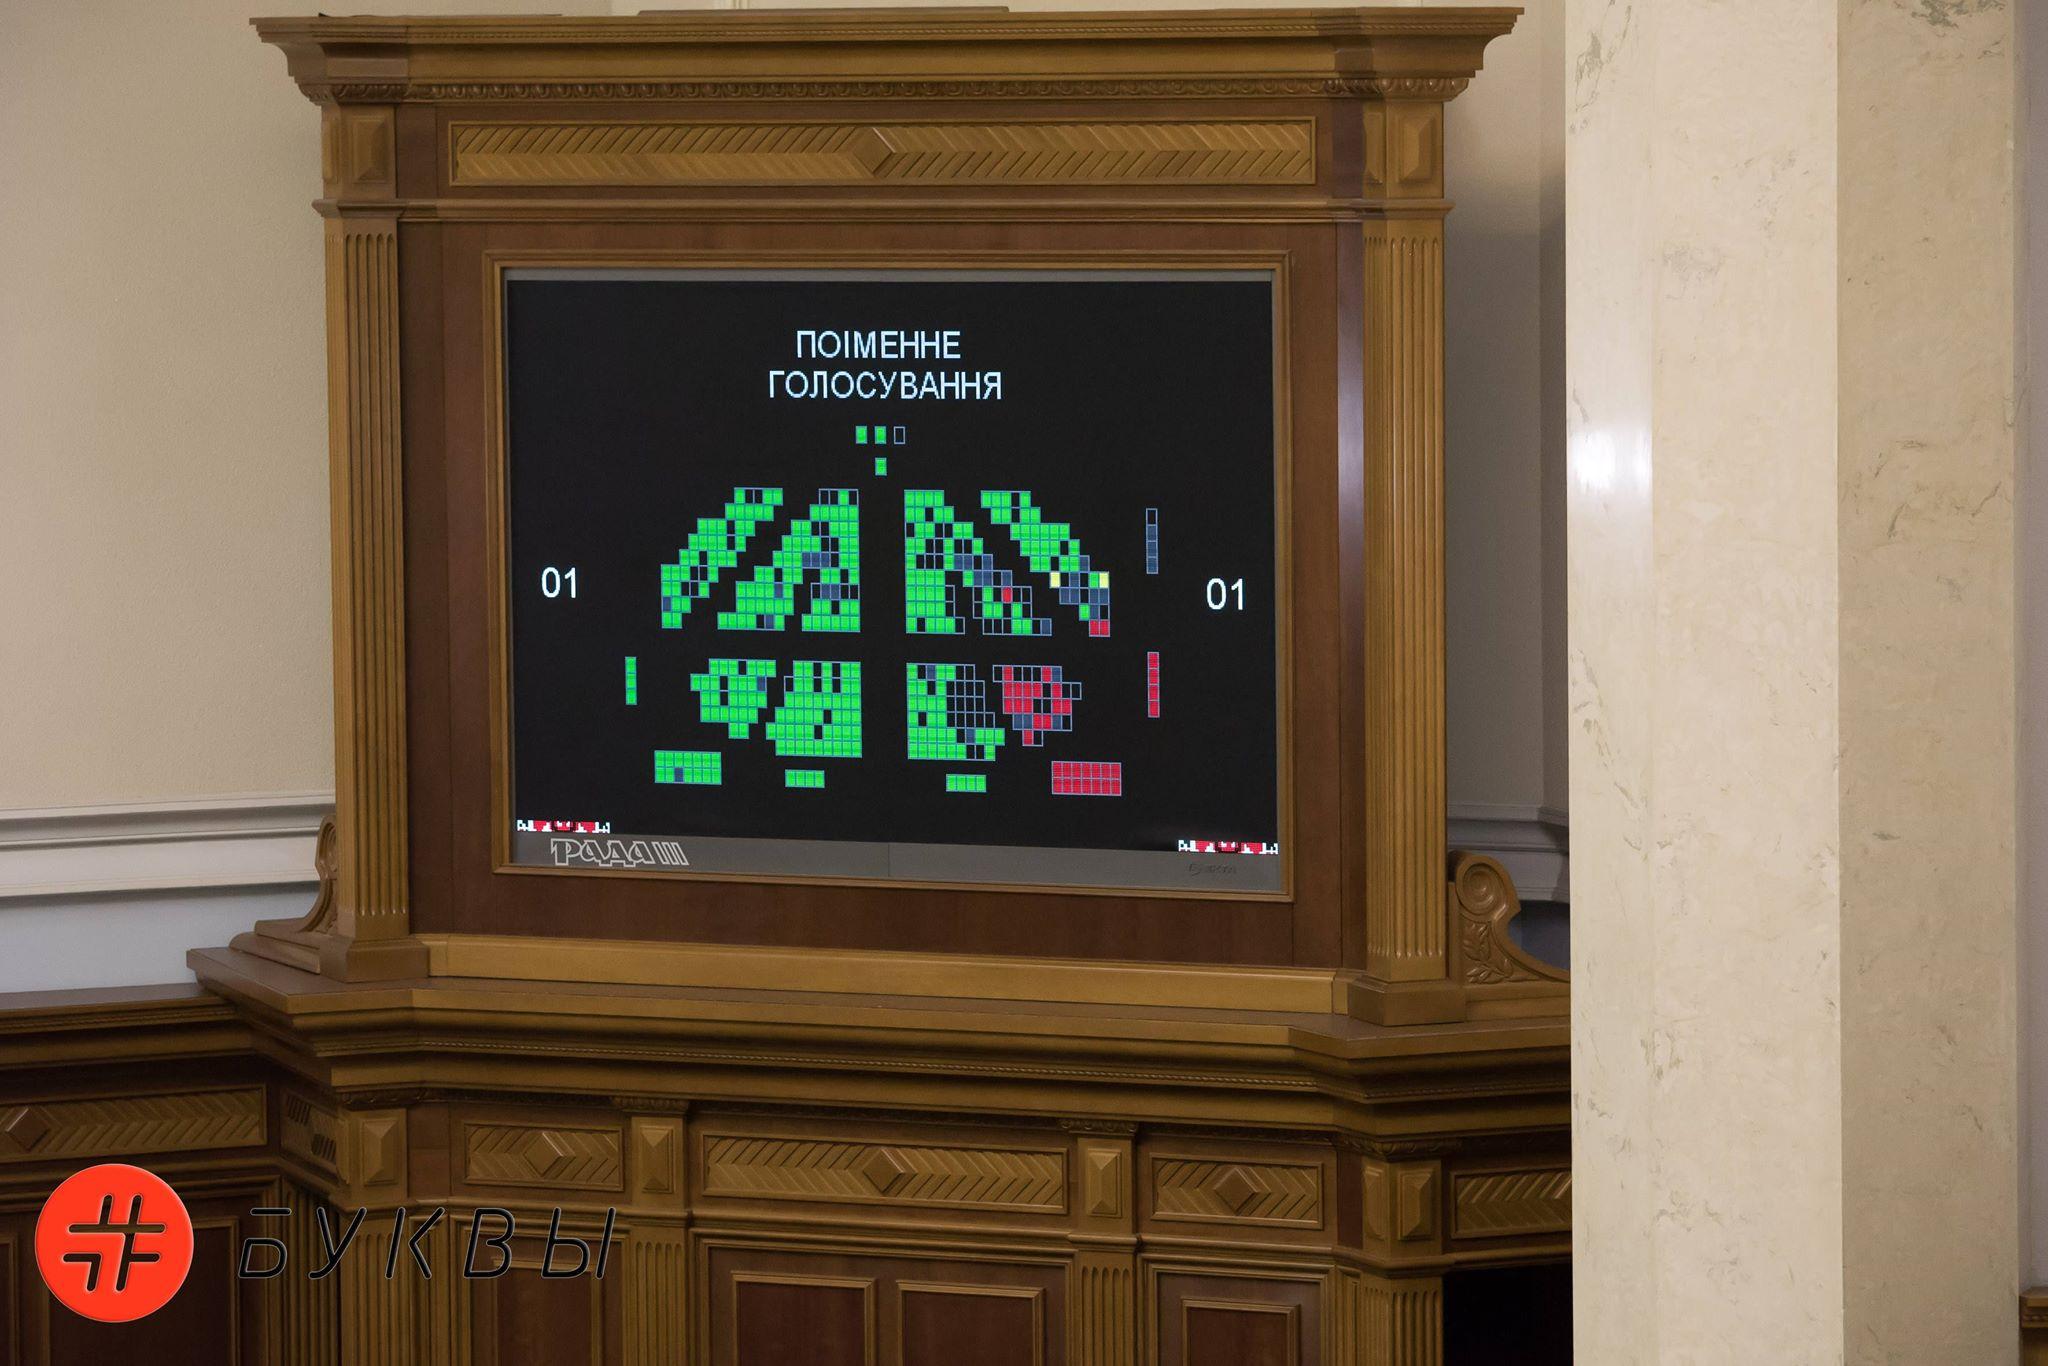 Принятие закона о реинтеграции Донбасса.